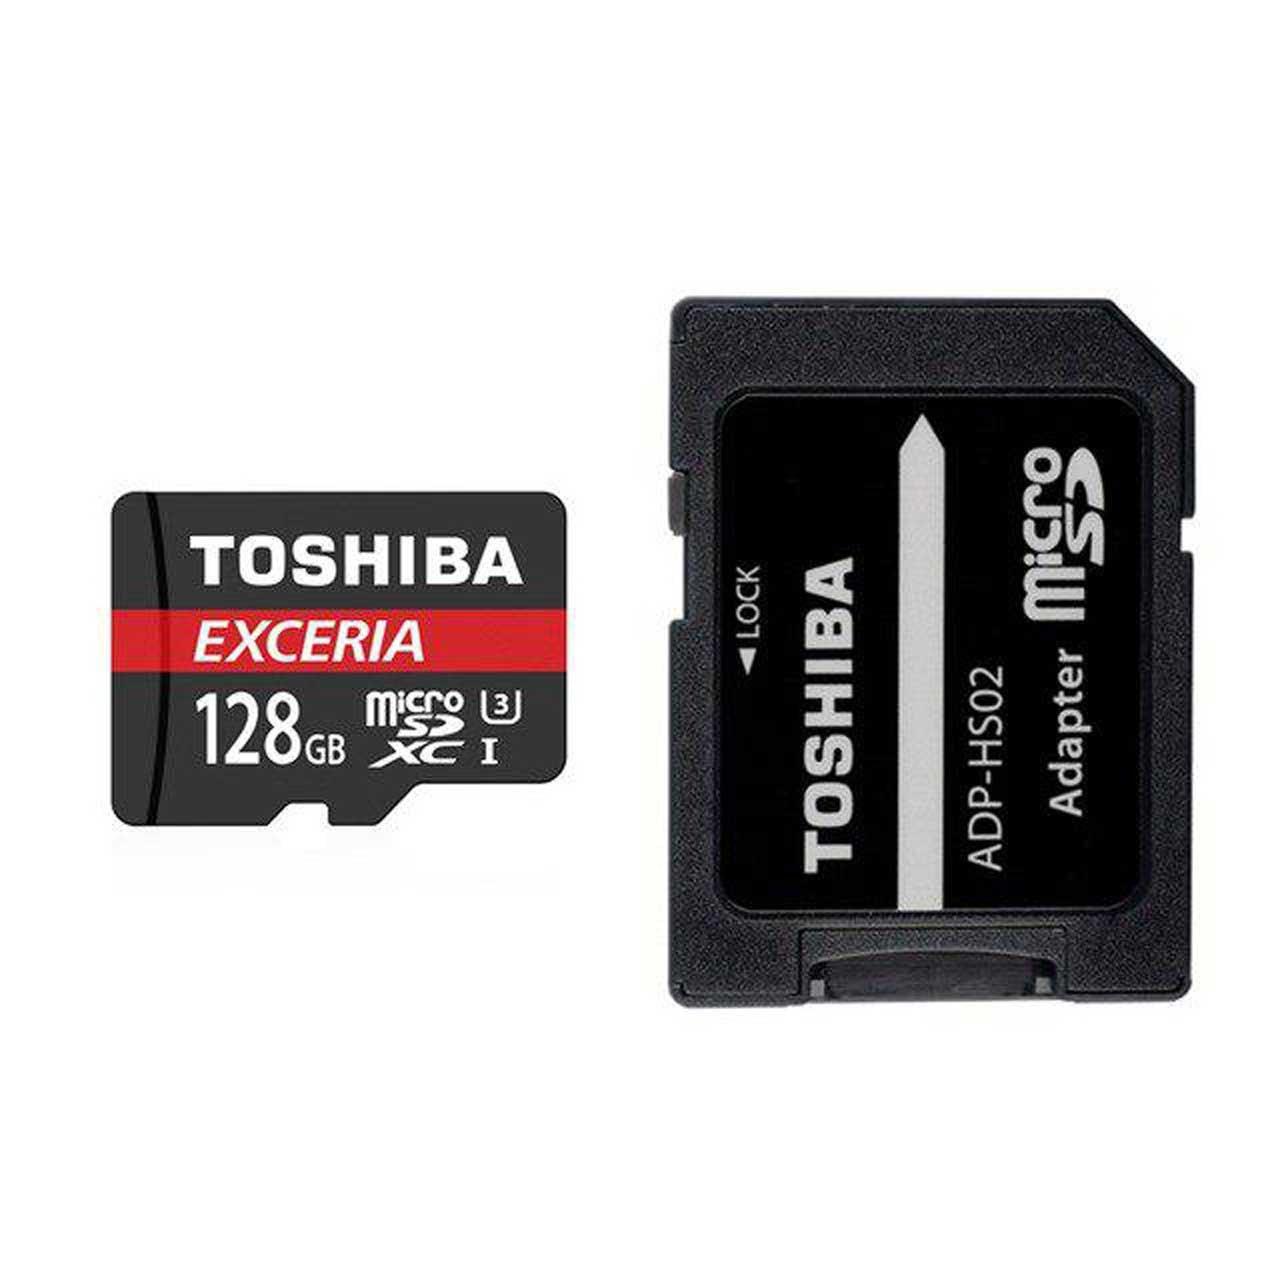 کارت حافظه MicroSDXC توشیبا مدل Exceria M302 کلاس 10 استاندارد UHS-I U3 سرعت 90MBps ظرفیت 128GB